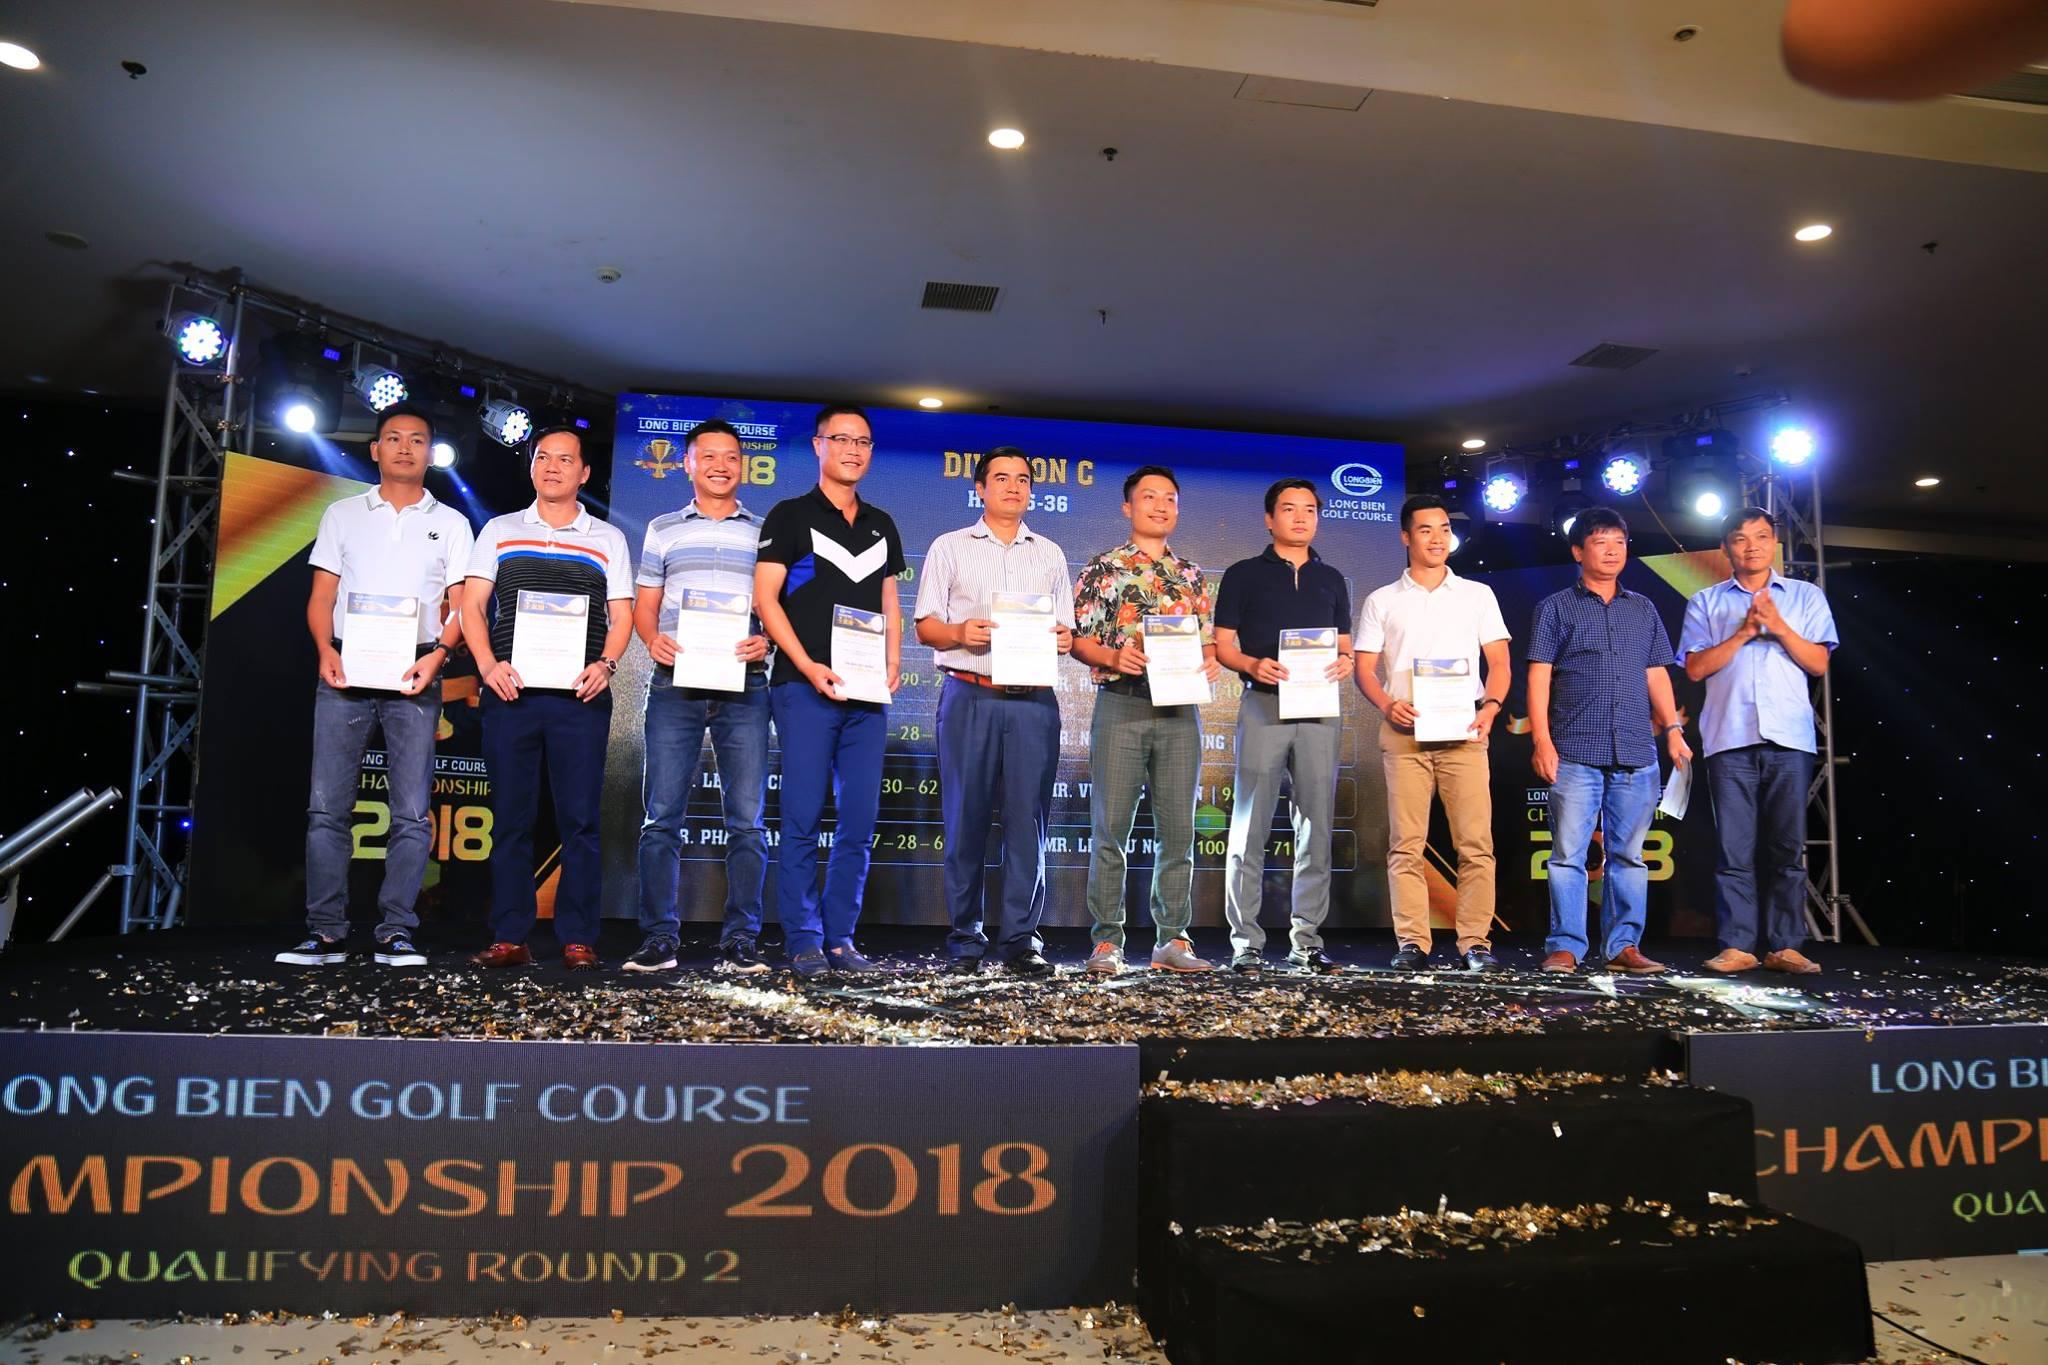 Vòng loại 2 - Long Bien Golf course Championship 2018